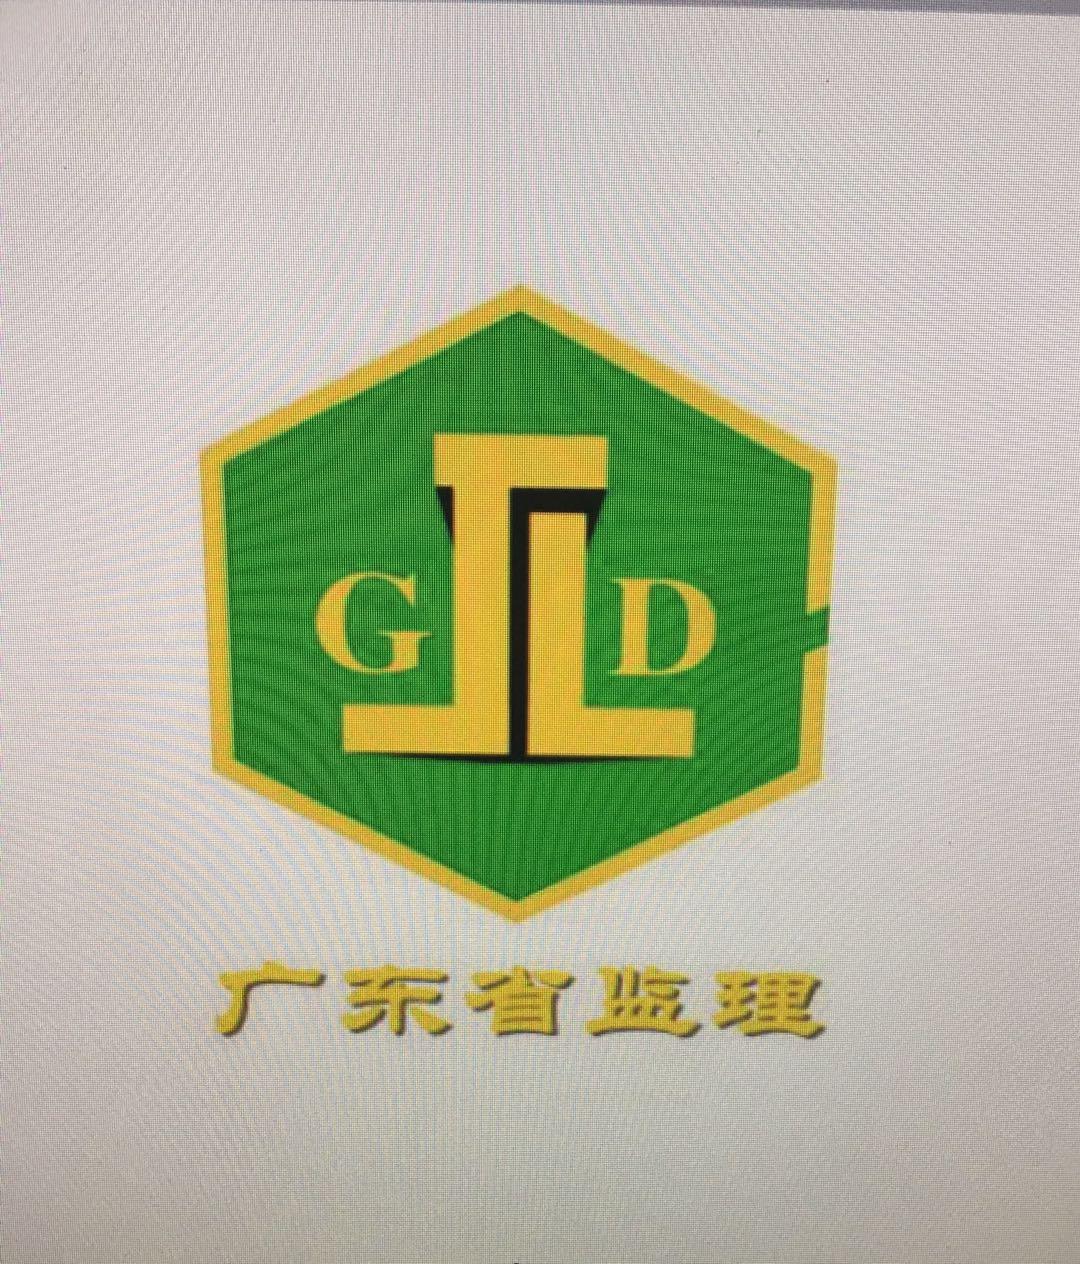 廣東省建筑工程監理有限公司惠州分部